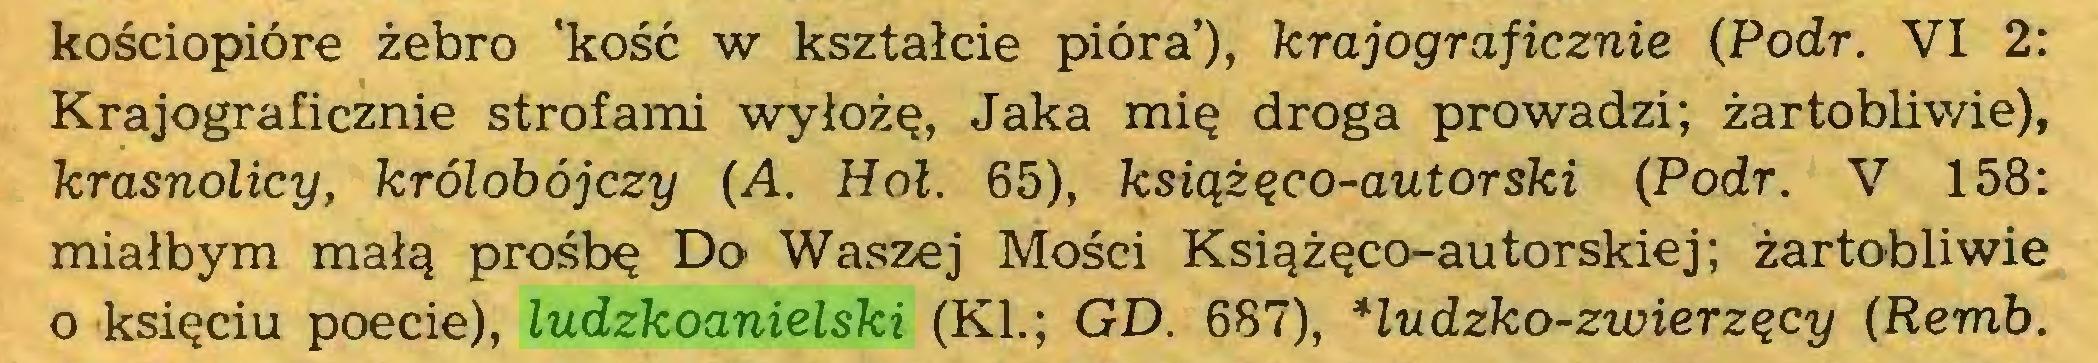 (...) kościopióre żebro 'kość w kształcie pióra'), krajograficznie {Podr. VI 2: Krajograficznie strofami wyłożę, Jaka mię droga prowadzi; żartobliwie), krasnolicy, królobójczy {A. Hol. 65), książęco-autorski {Podr. V 158: miałbym małą prośbę Do Waszej Mości Książęco-autorskiej; żartobliwie 0 księciu poecie), ludzkoanielski (KI.; GD. 687), Hudzko-zwierzęcy {Remb...